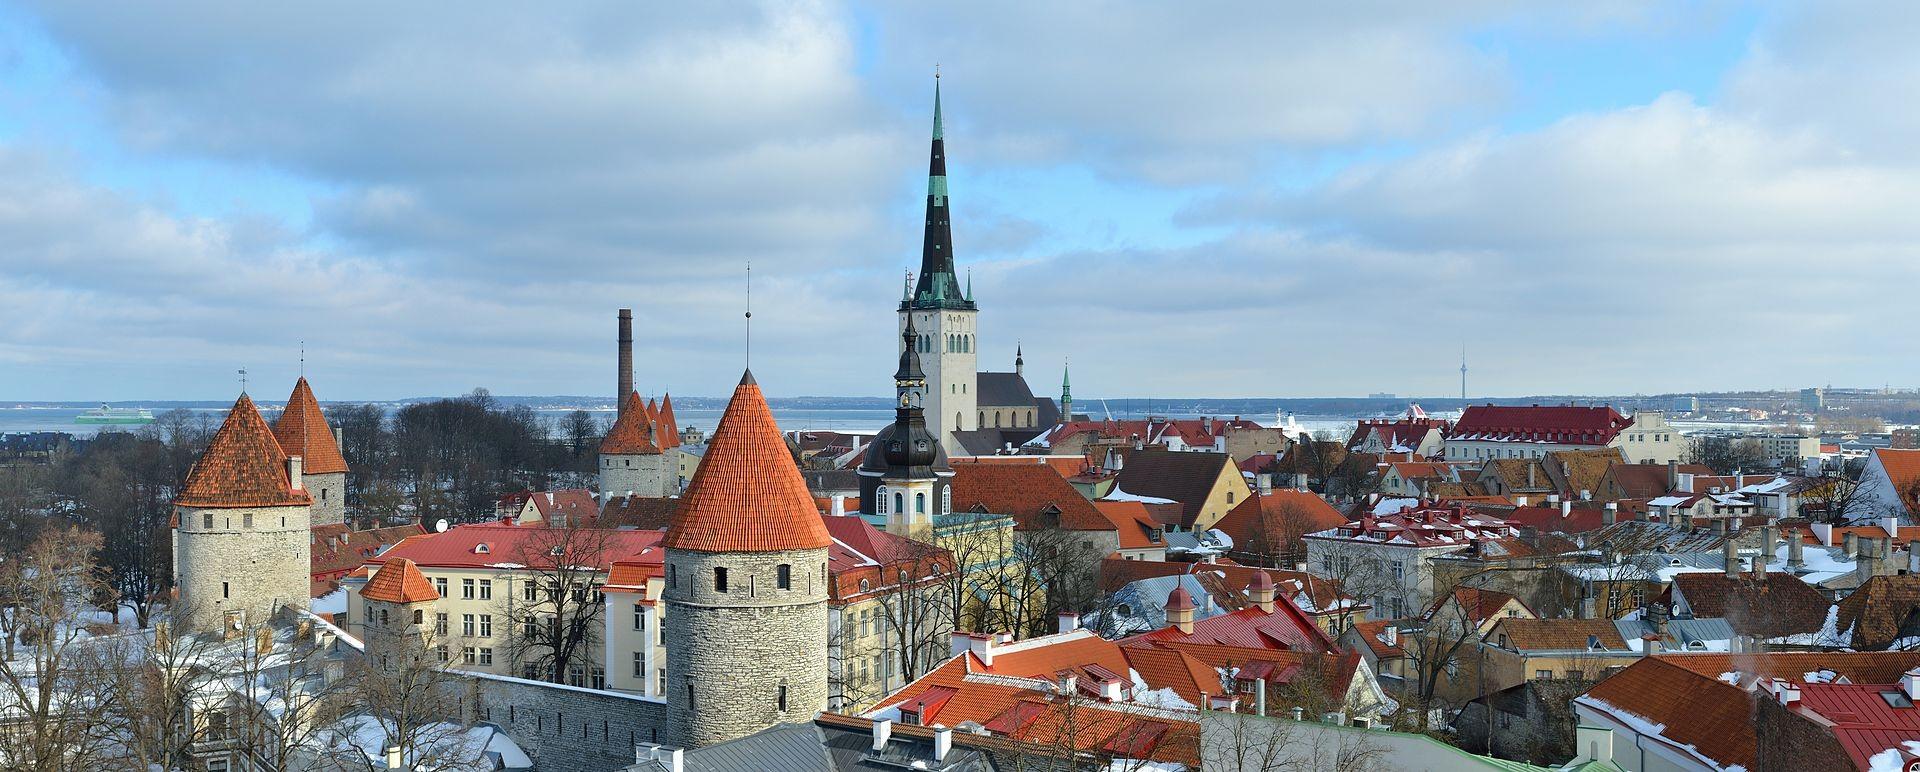 Vista da Cidade Velha em Talim, Estônia (Foto: Ivar Leidus/Wikipédia)